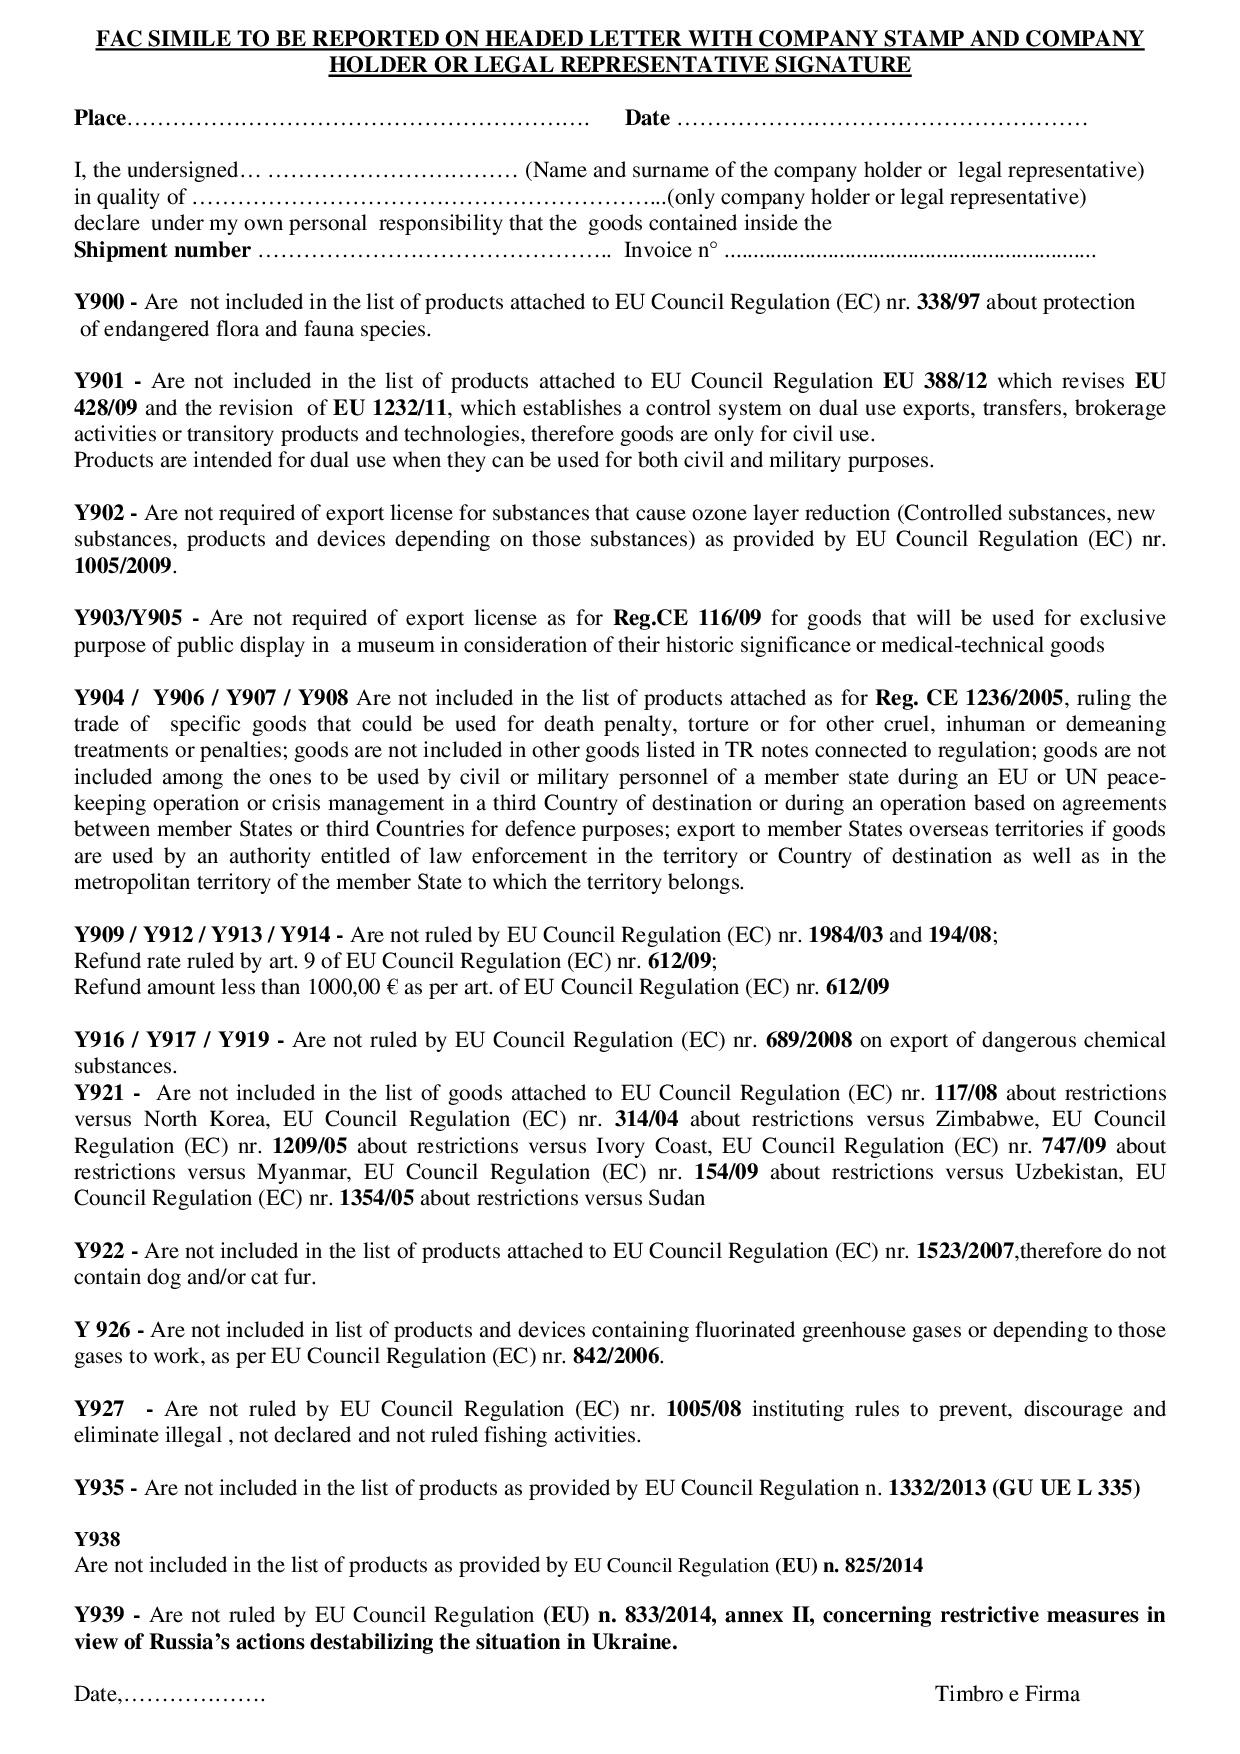 Dichiarazione libera esportazione in inglese